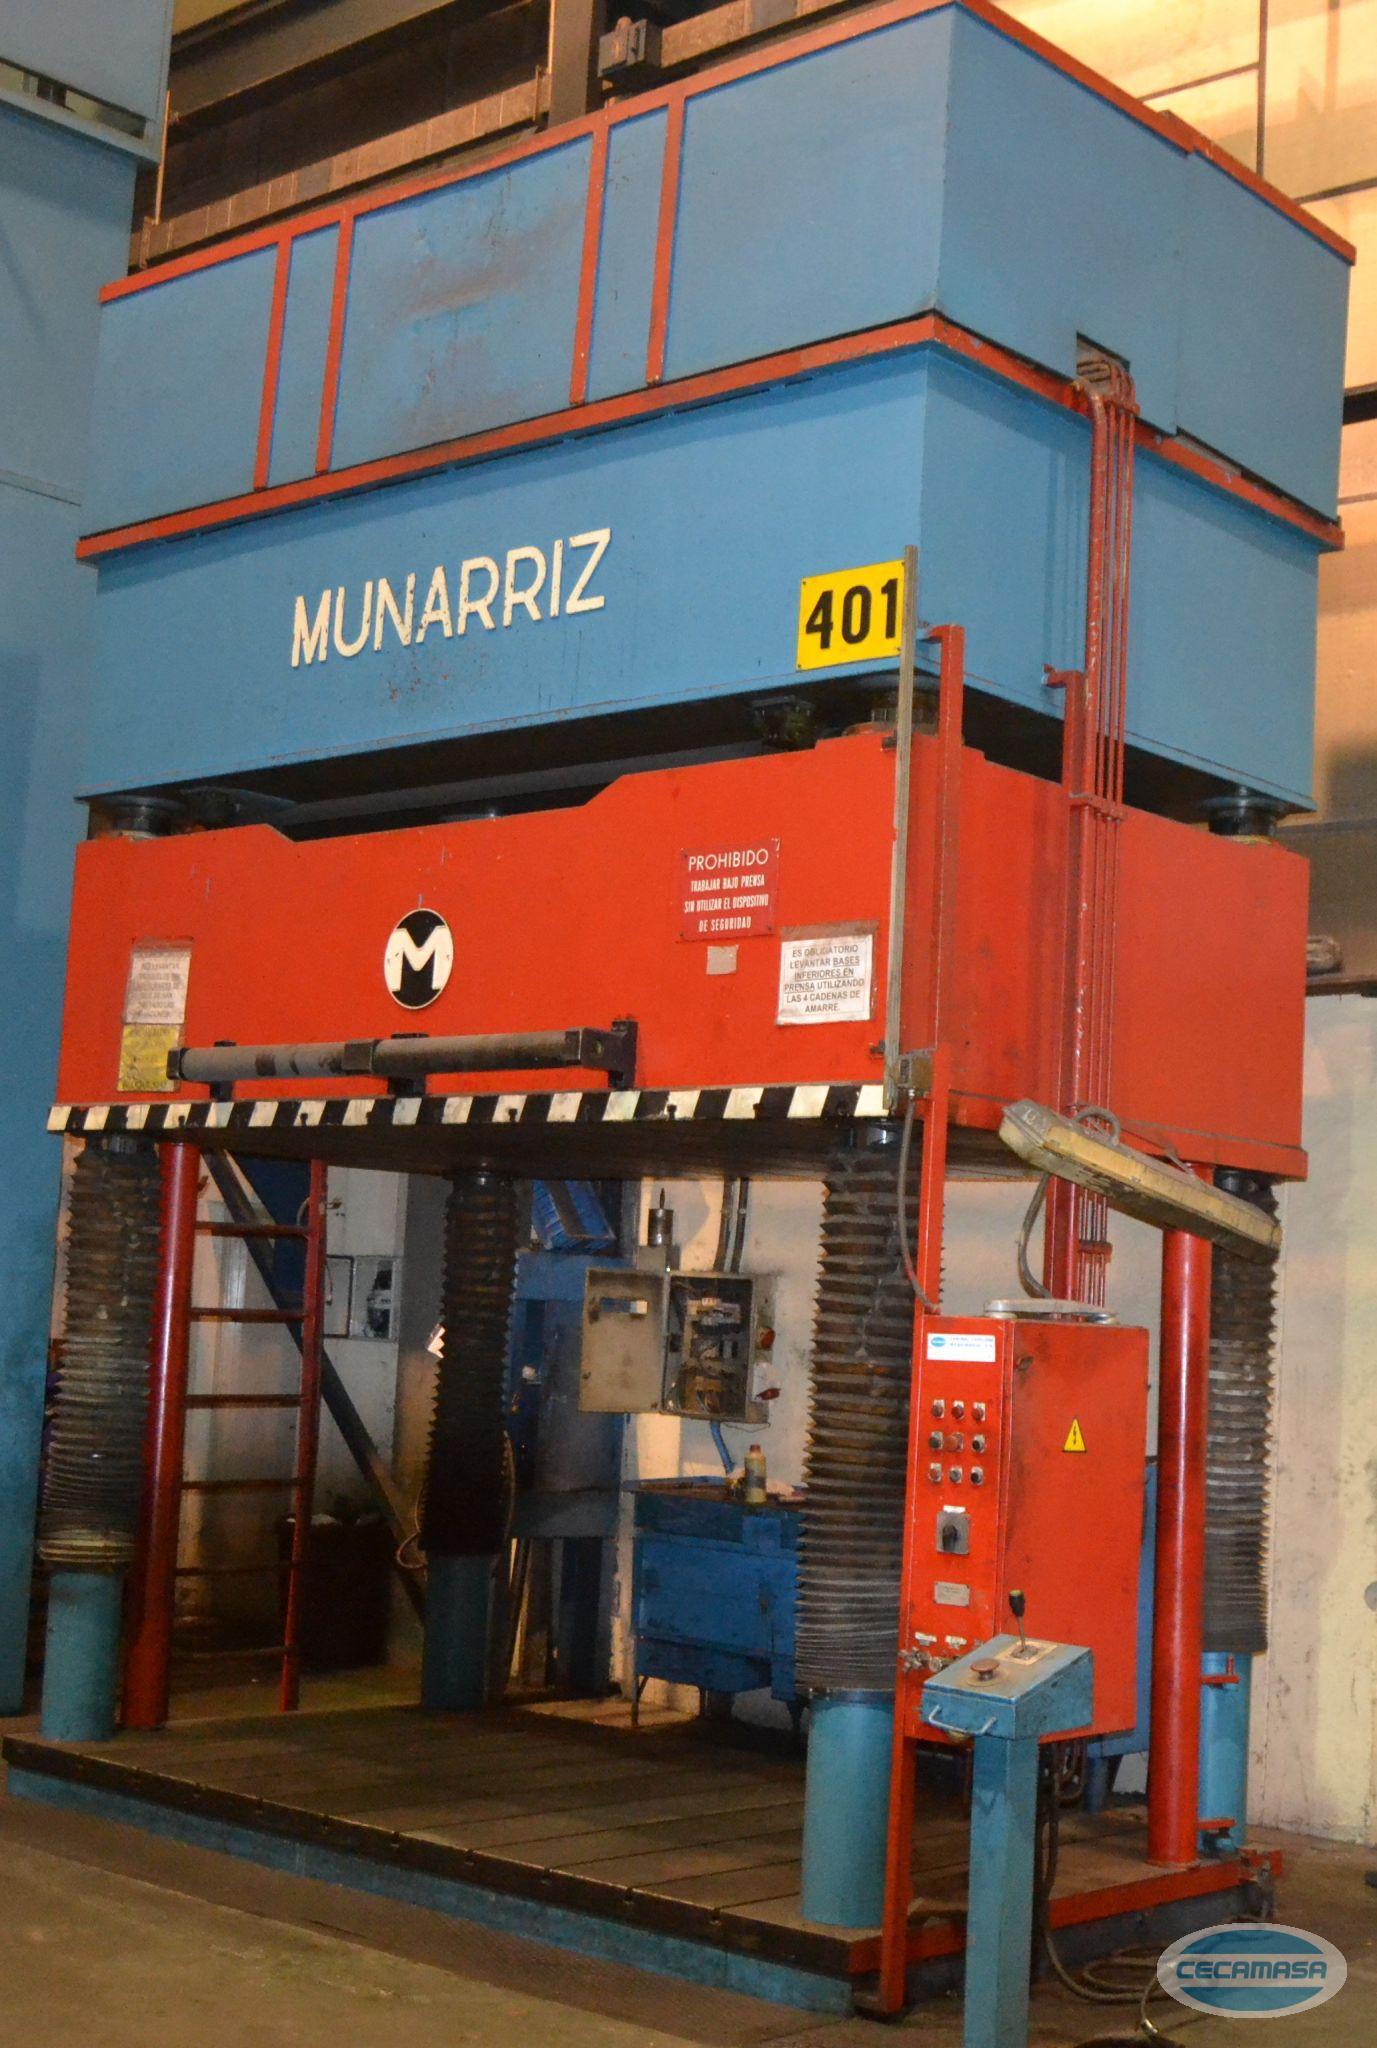 Prensa MUNARRIZ de retoque de 4 columnas y de 125 Tn